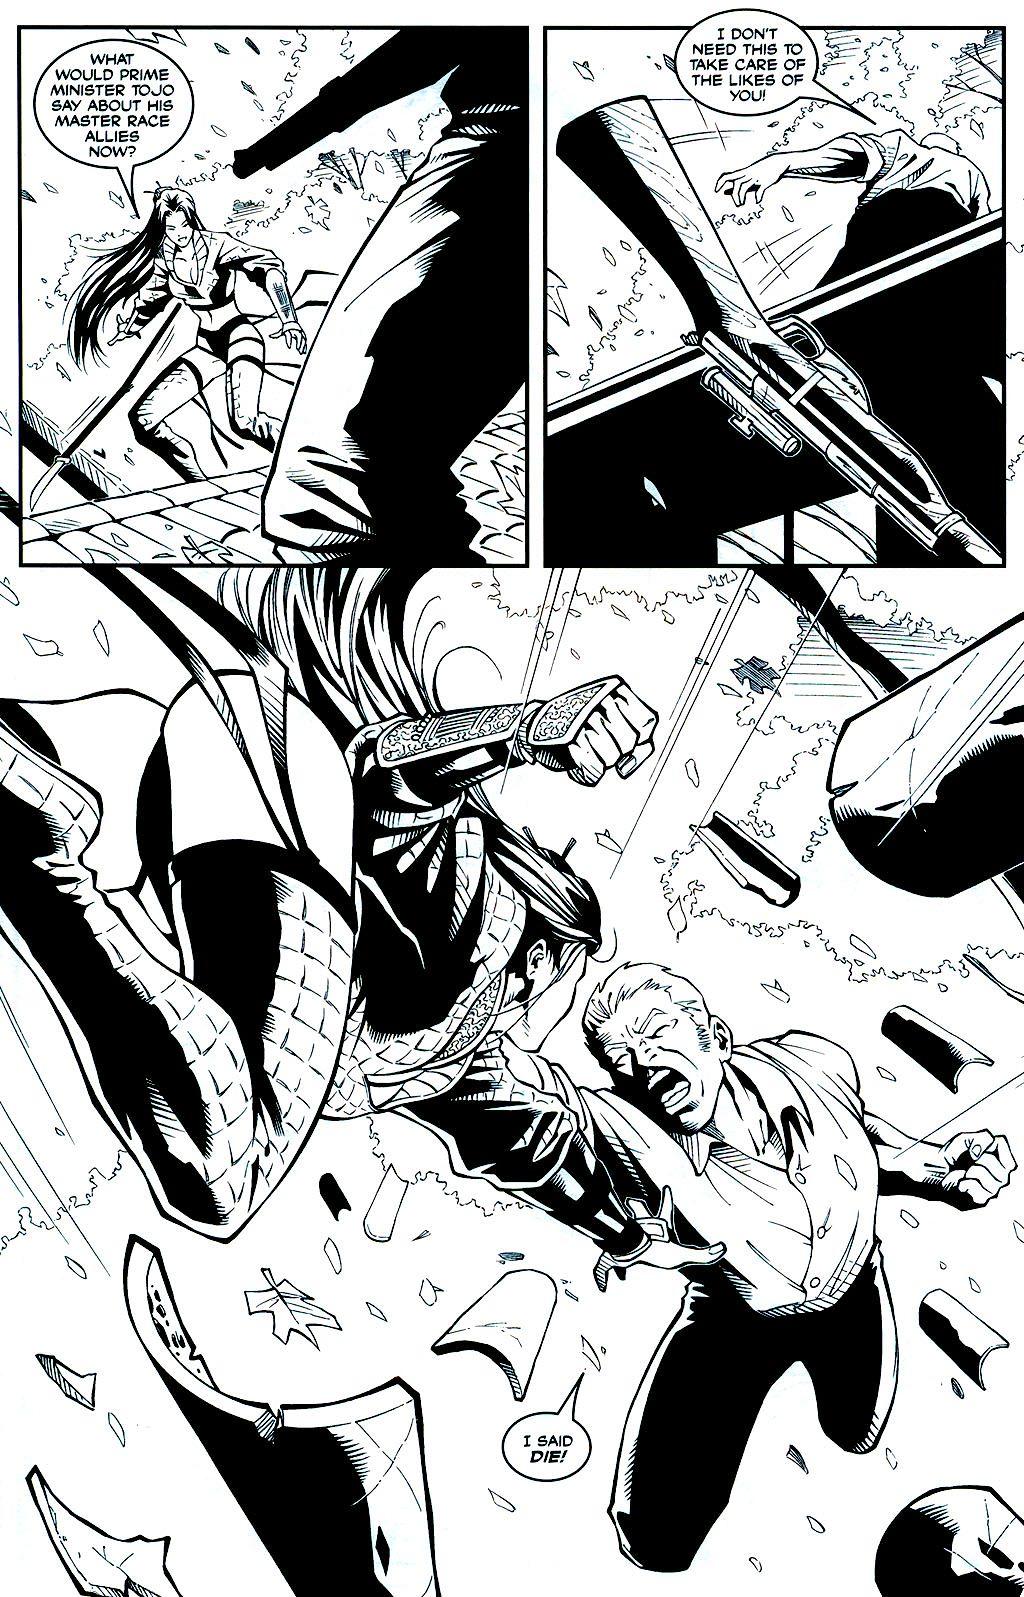 Read online Shi: Sempo comic -  Issue #1 - 10